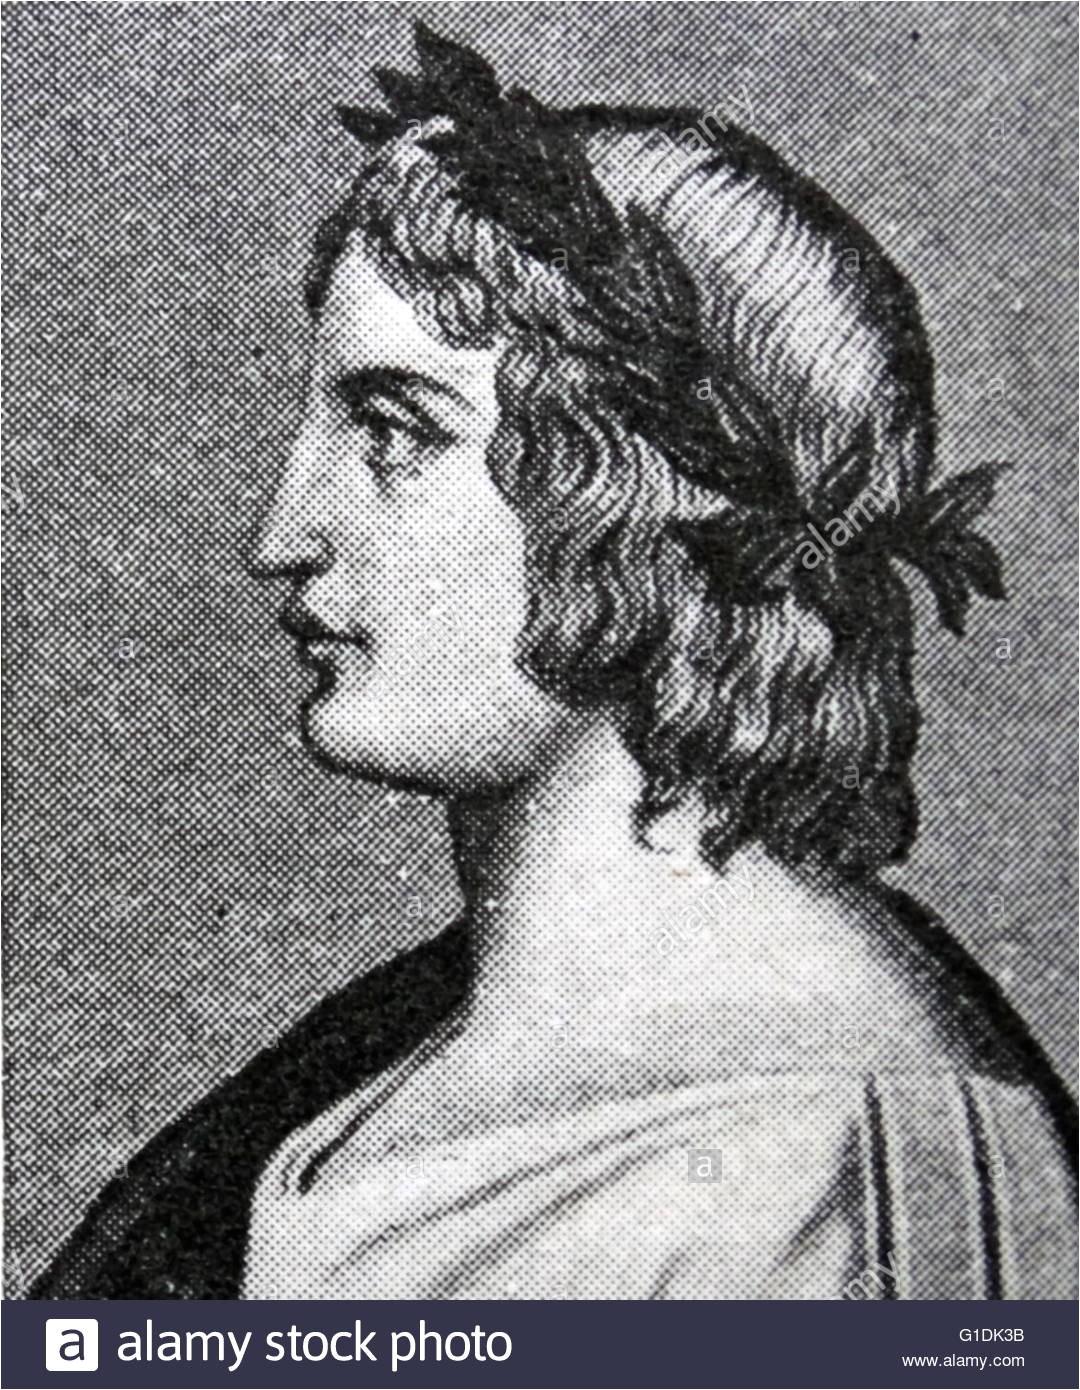 Portrait of Publius Vergilius Maro 70 19 BC an ancient Roman poet of